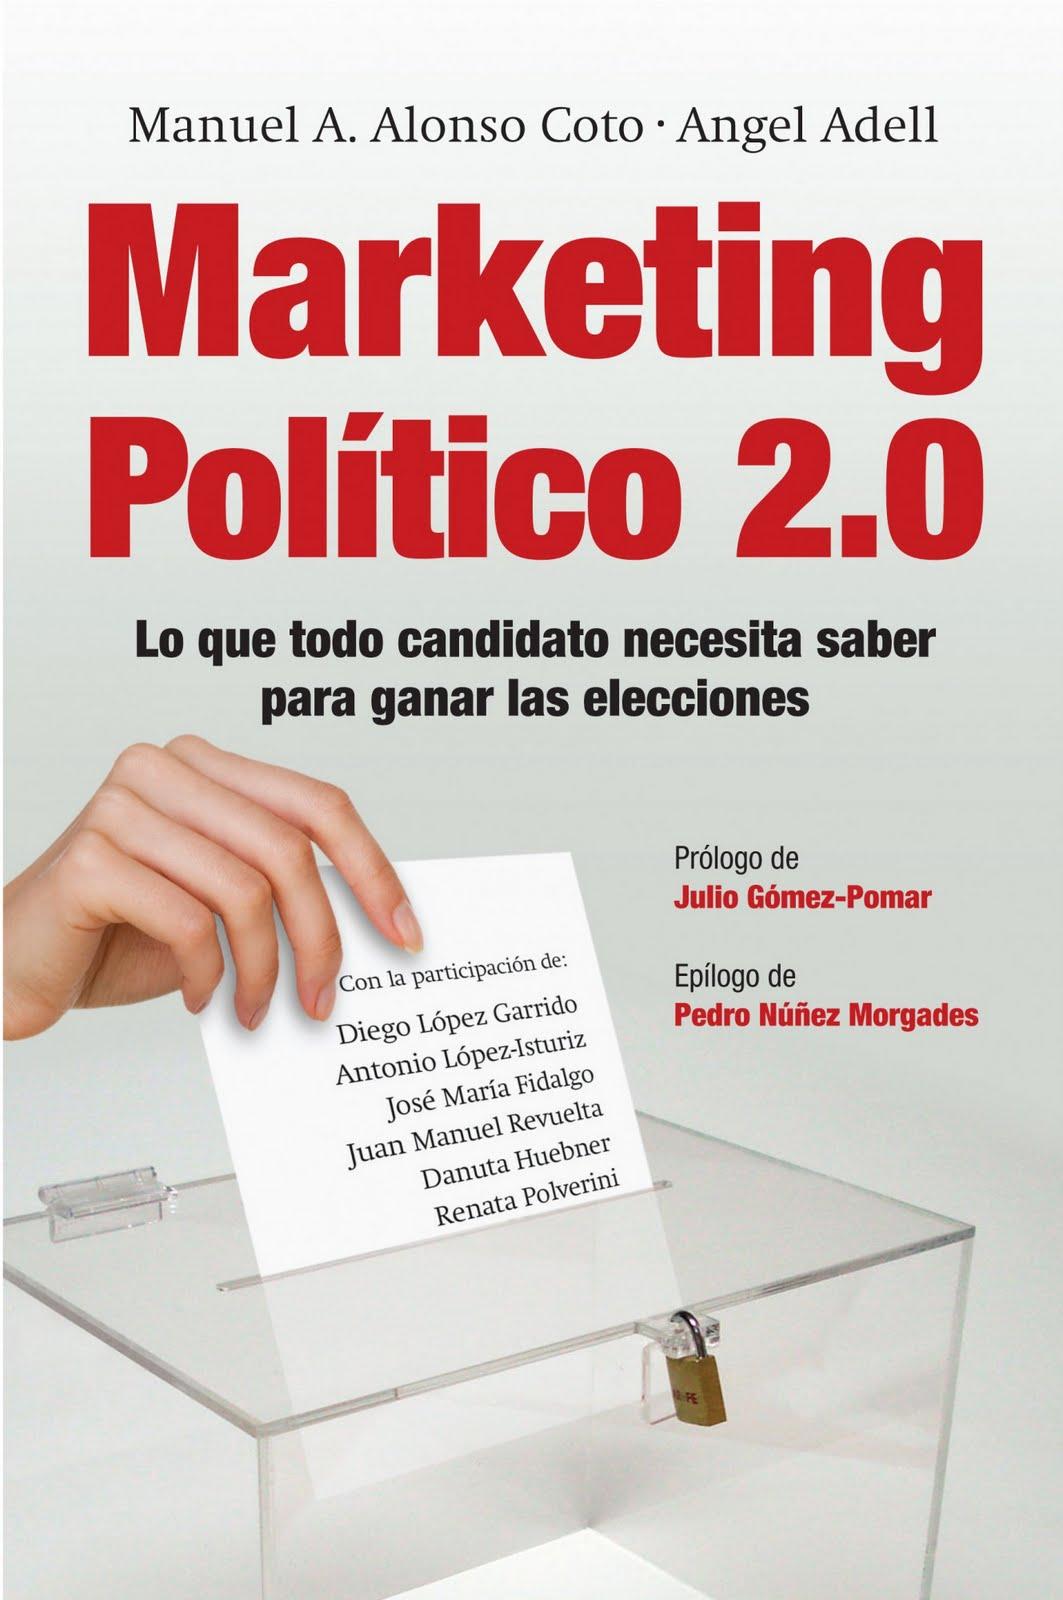 Nuevo Viernes - Nuevo Libro: MARKETING POLÍTICO 2.0